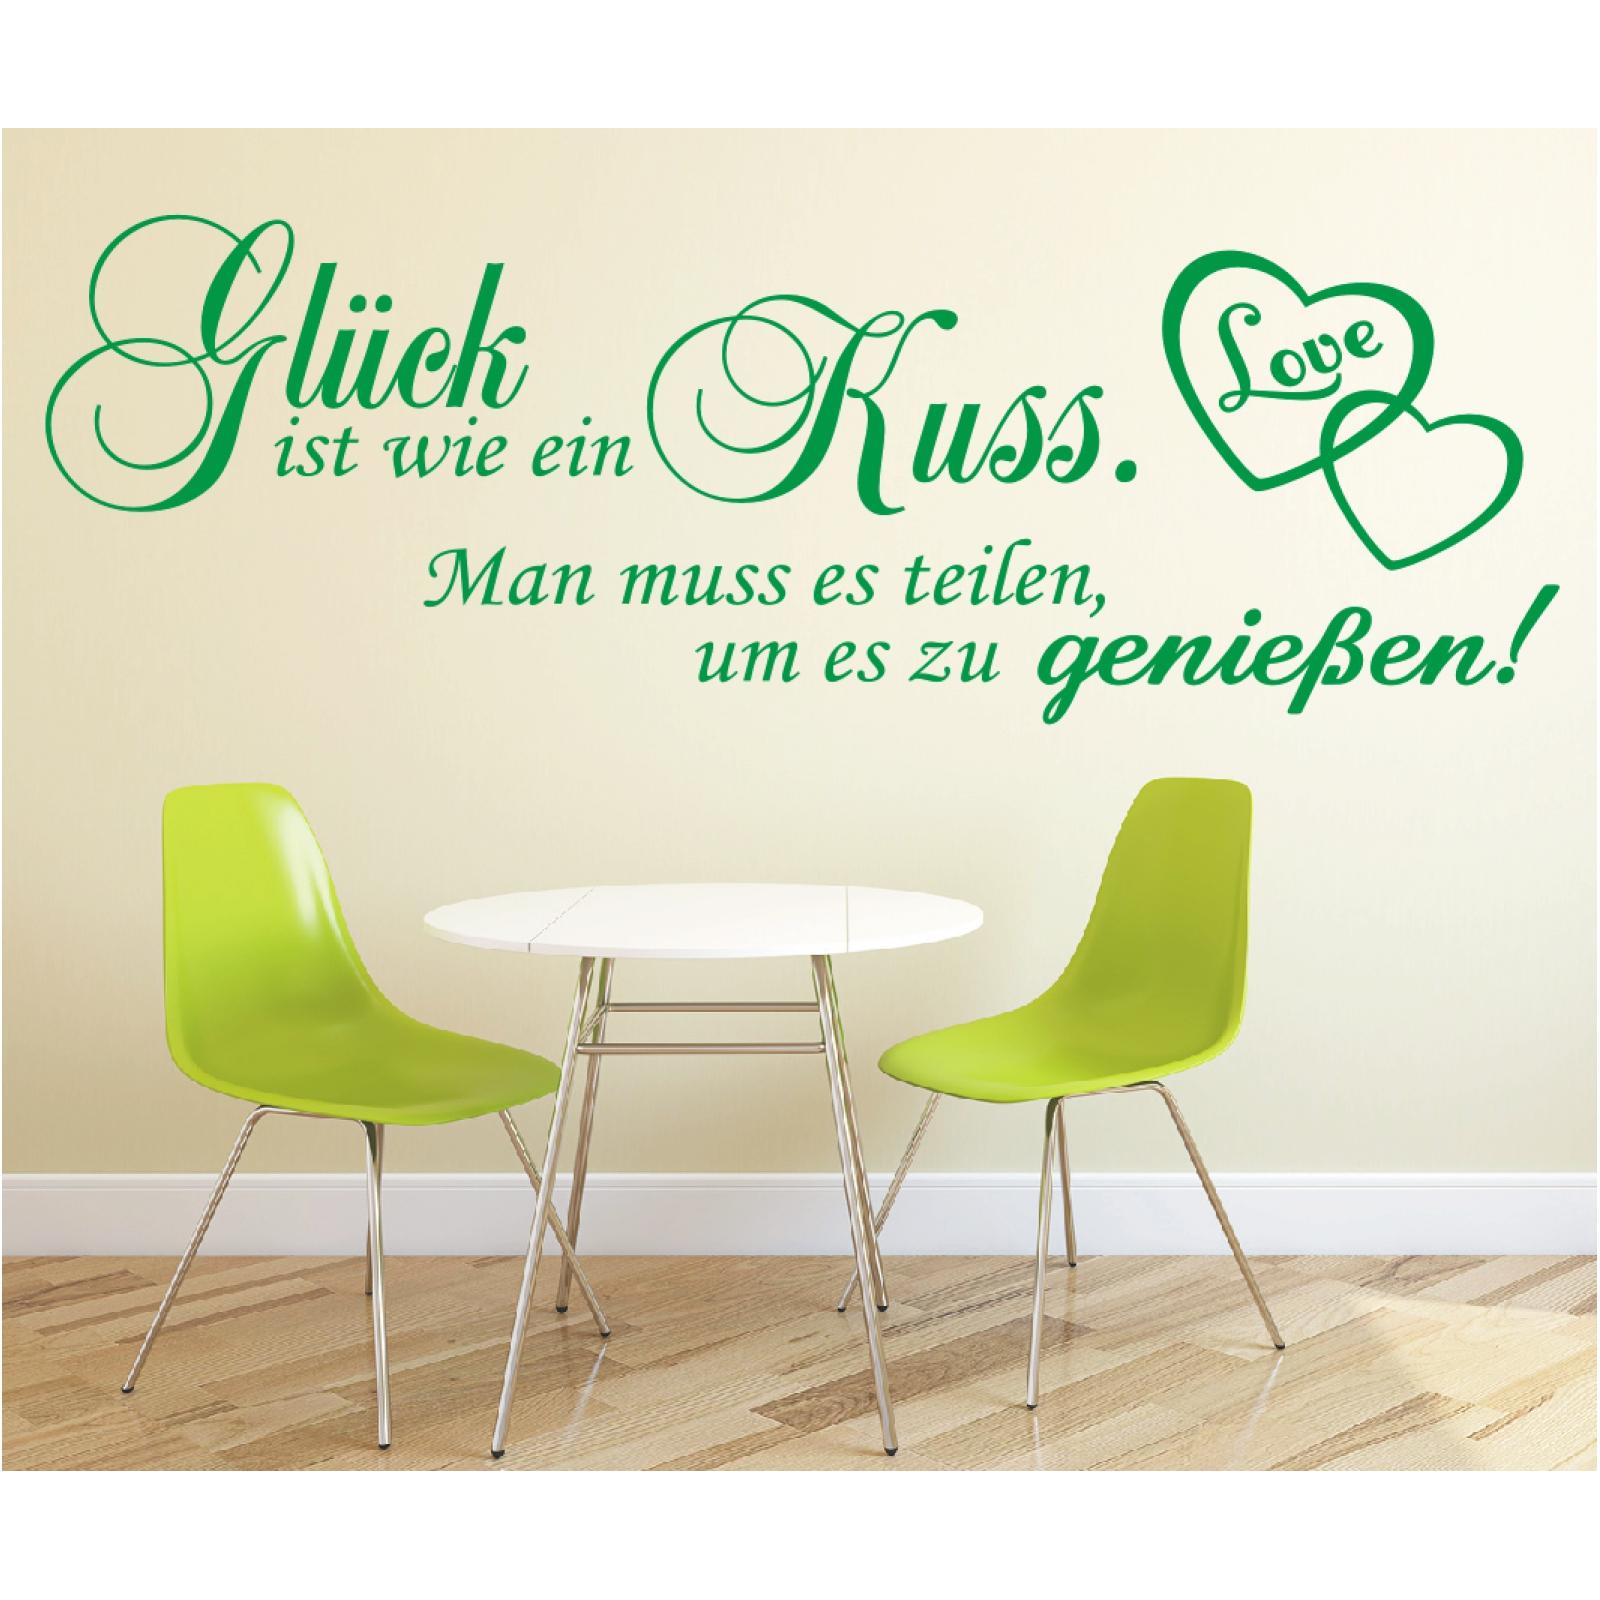 Spruch-WANDTATTOO-Glueck-ist-Kuss-geniessen-Wandsticker-Wandaufkleber-Sticker-2